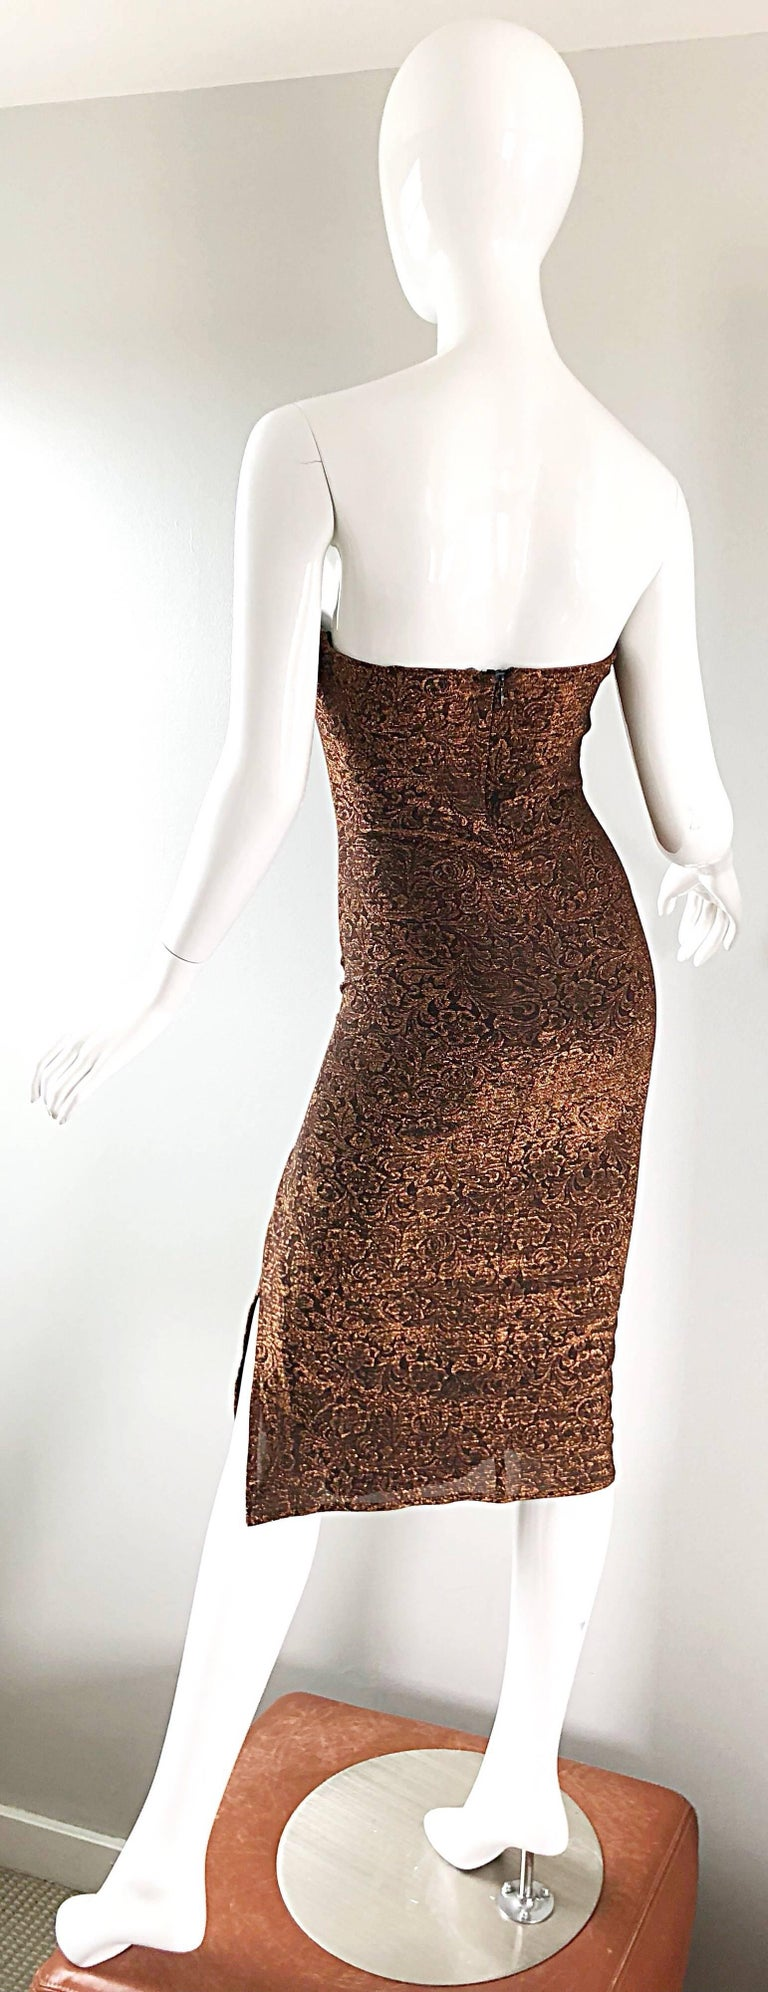 1990s Eletra Casadei Sexy Metallic Bronze / Gold Bodycon Convertible Strap Dress For Sale 3